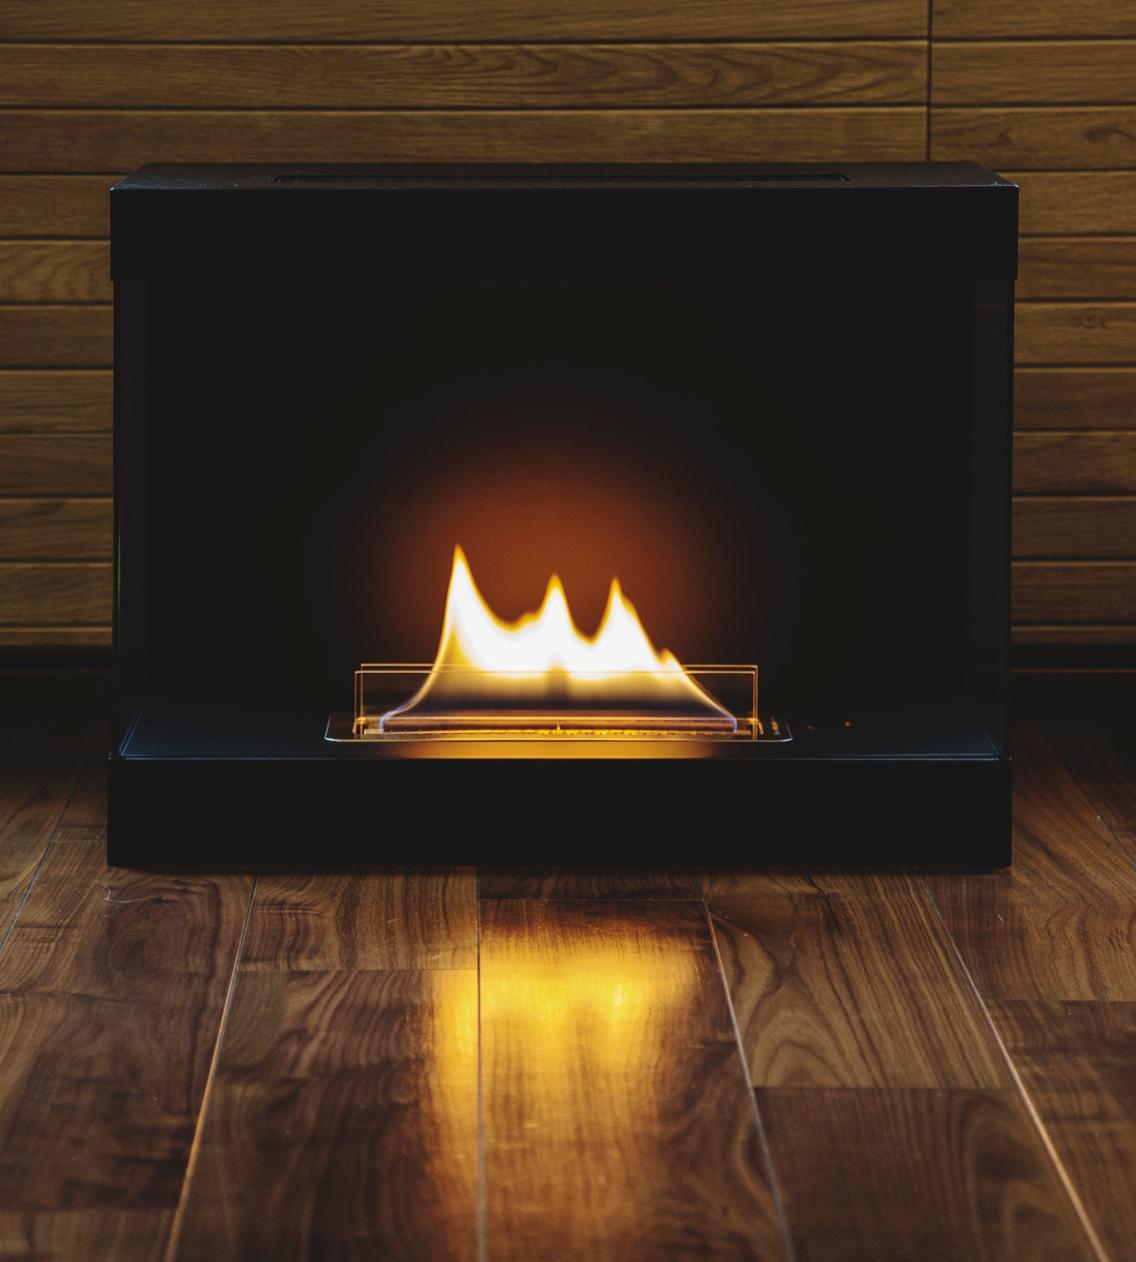 使い方も手入れもカンタン。安全な専用燃料で片づけいらず、ニオイも煙も出ないから、家のどこにでも置けるバイオエタノール燃料を使った「暖炉」|LOVINFLAME VENTFREE